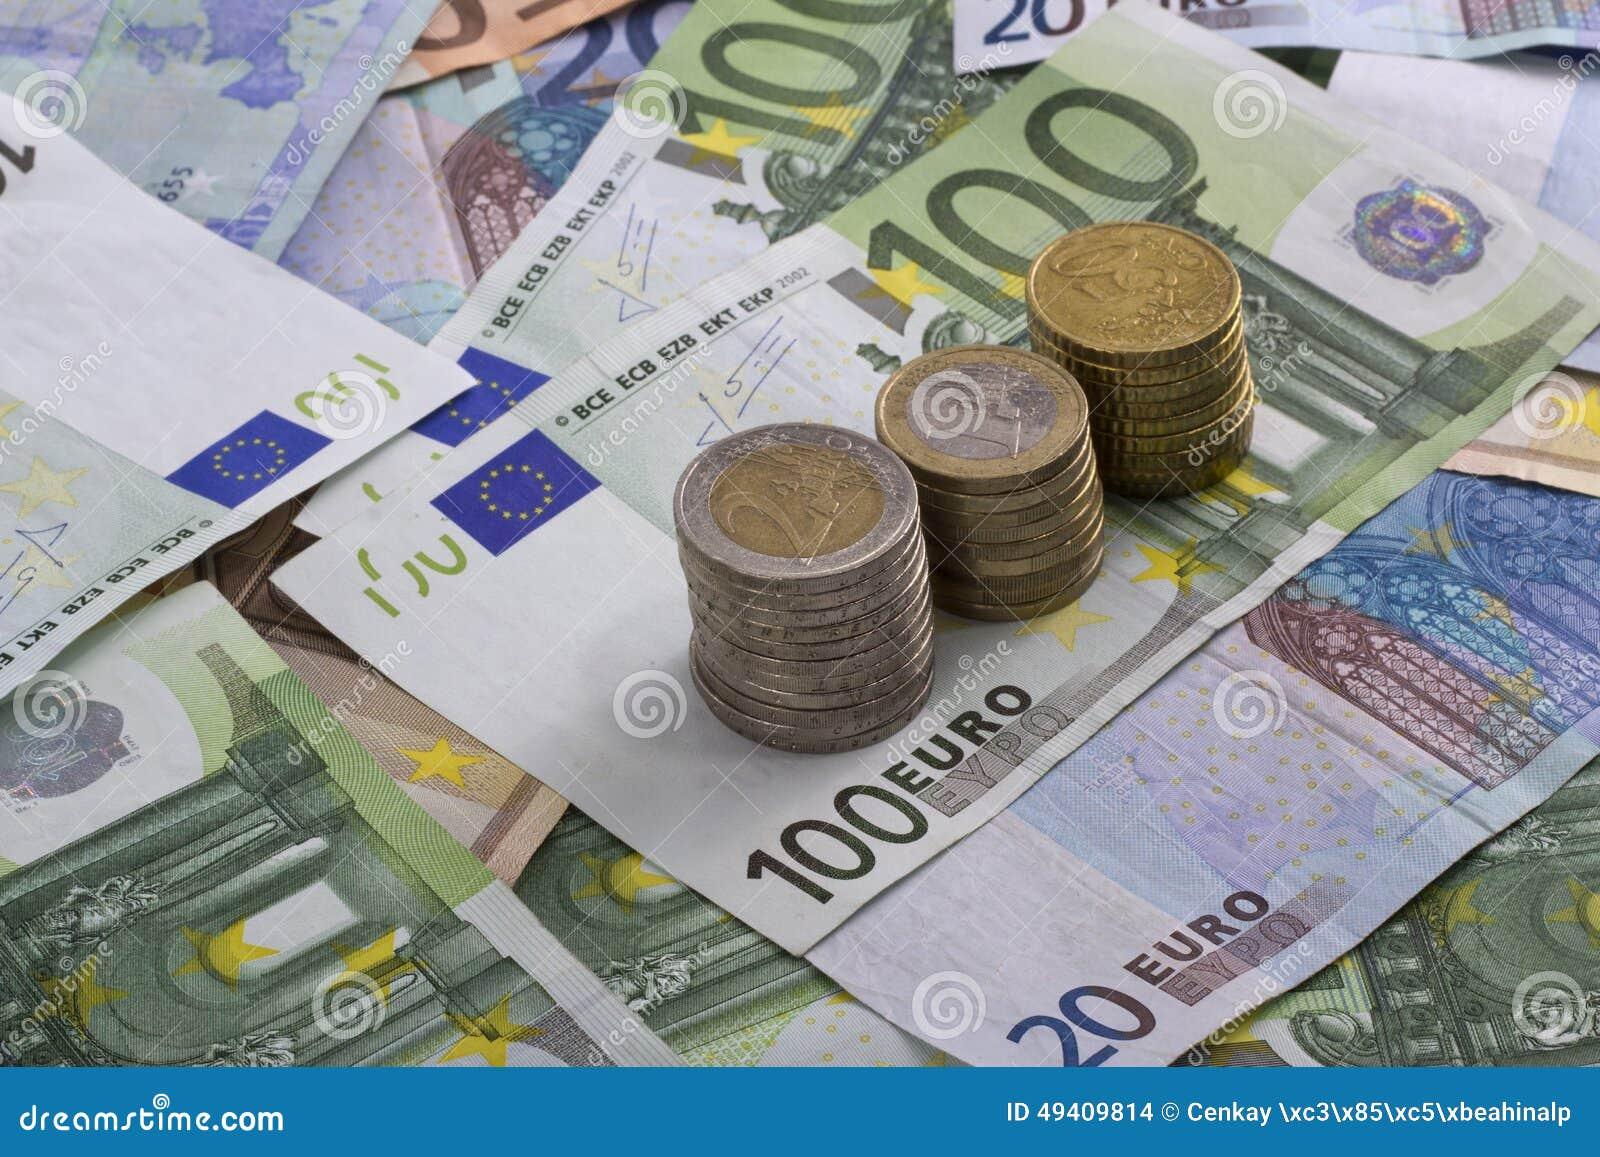 Download Eurobanknoten über Weiß stockfoto. Bild von europa, finanziell - 49409814